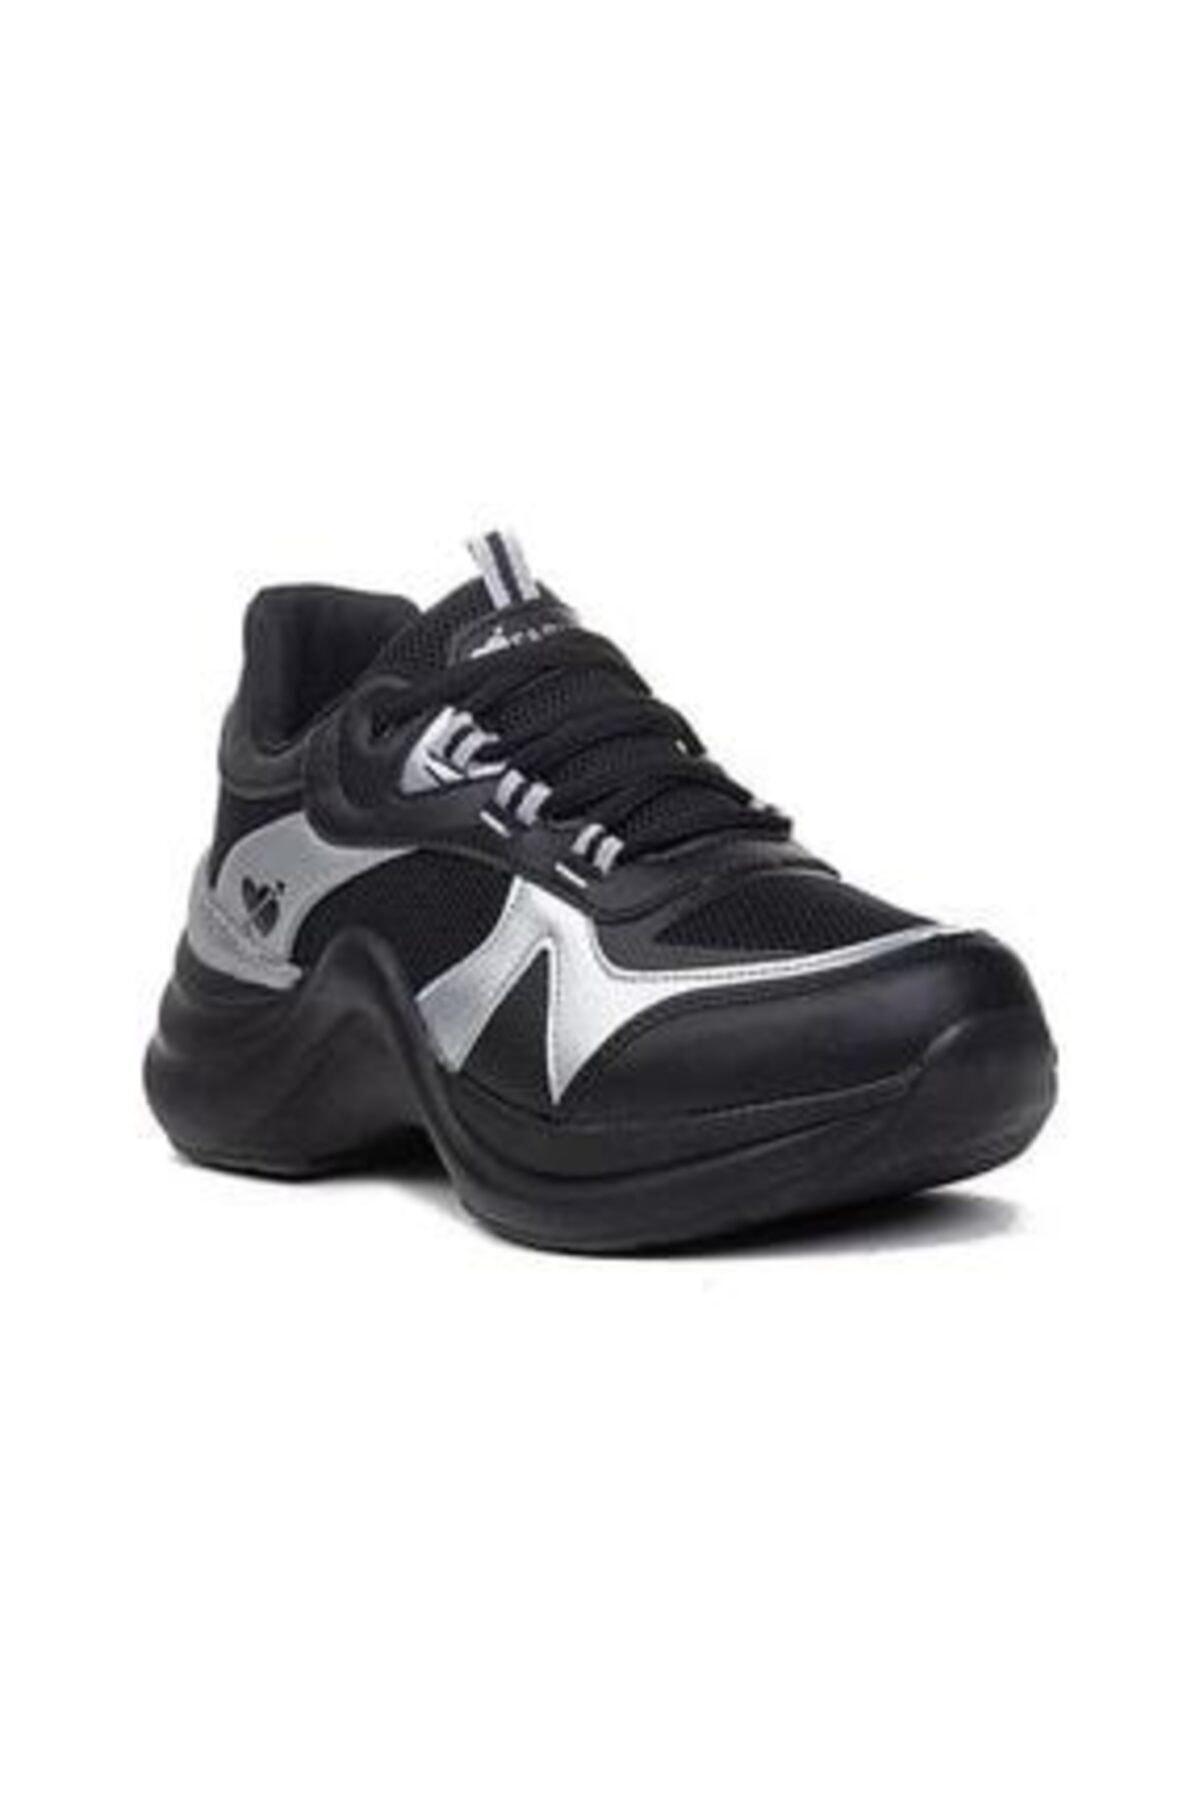 Twingo Dolgu Topuk Rahat Yumuşak Esnek Spor Ayakkabısı 1